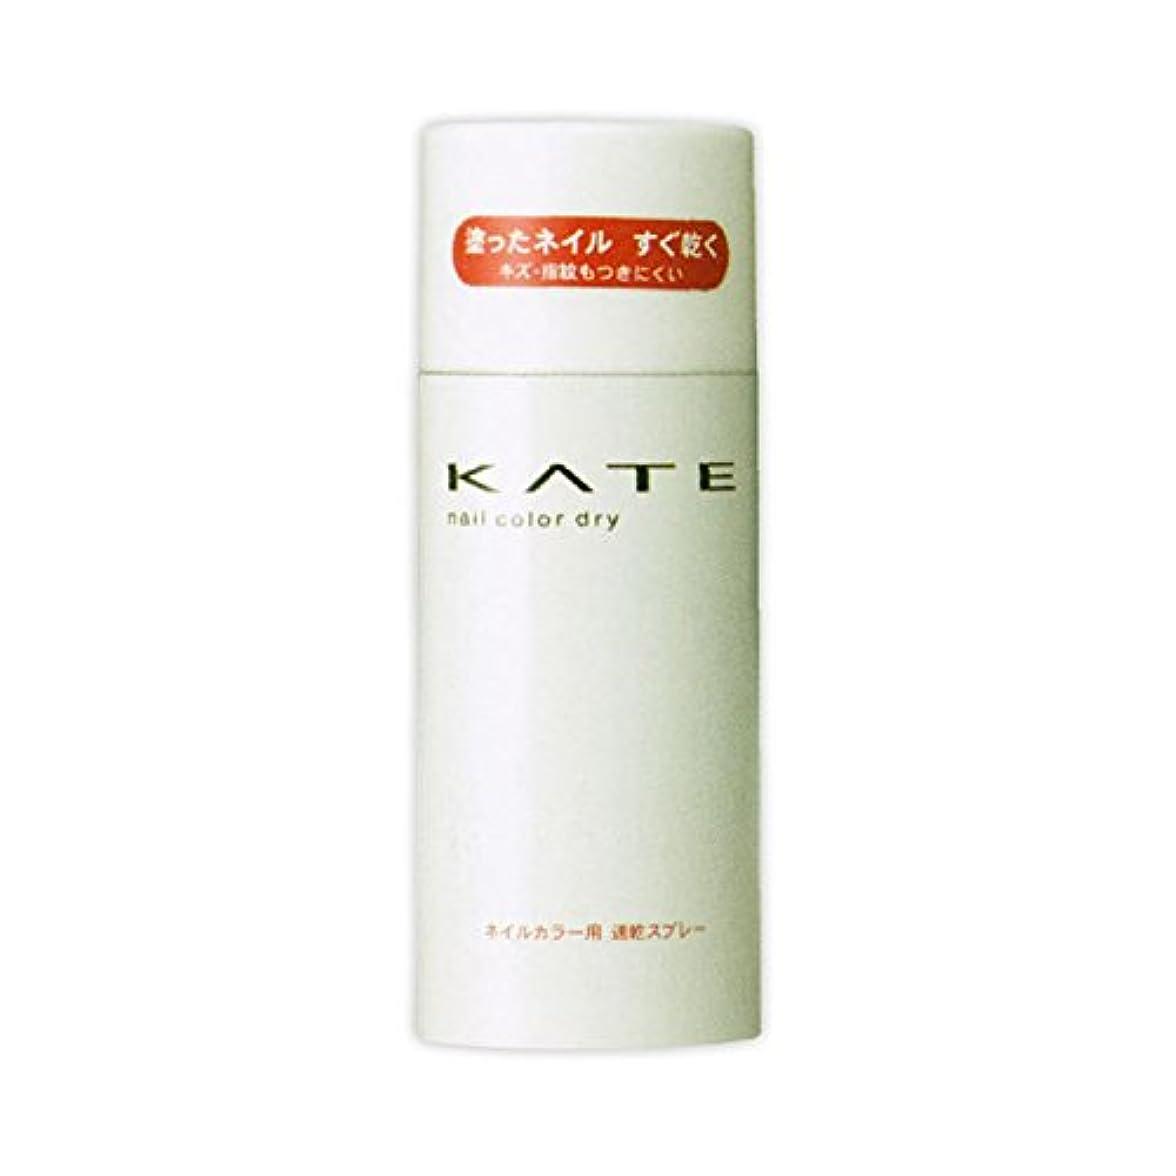 定期的に検出ムスタチオカネボウ ケイト KATE ネイルカラードライ S 90g